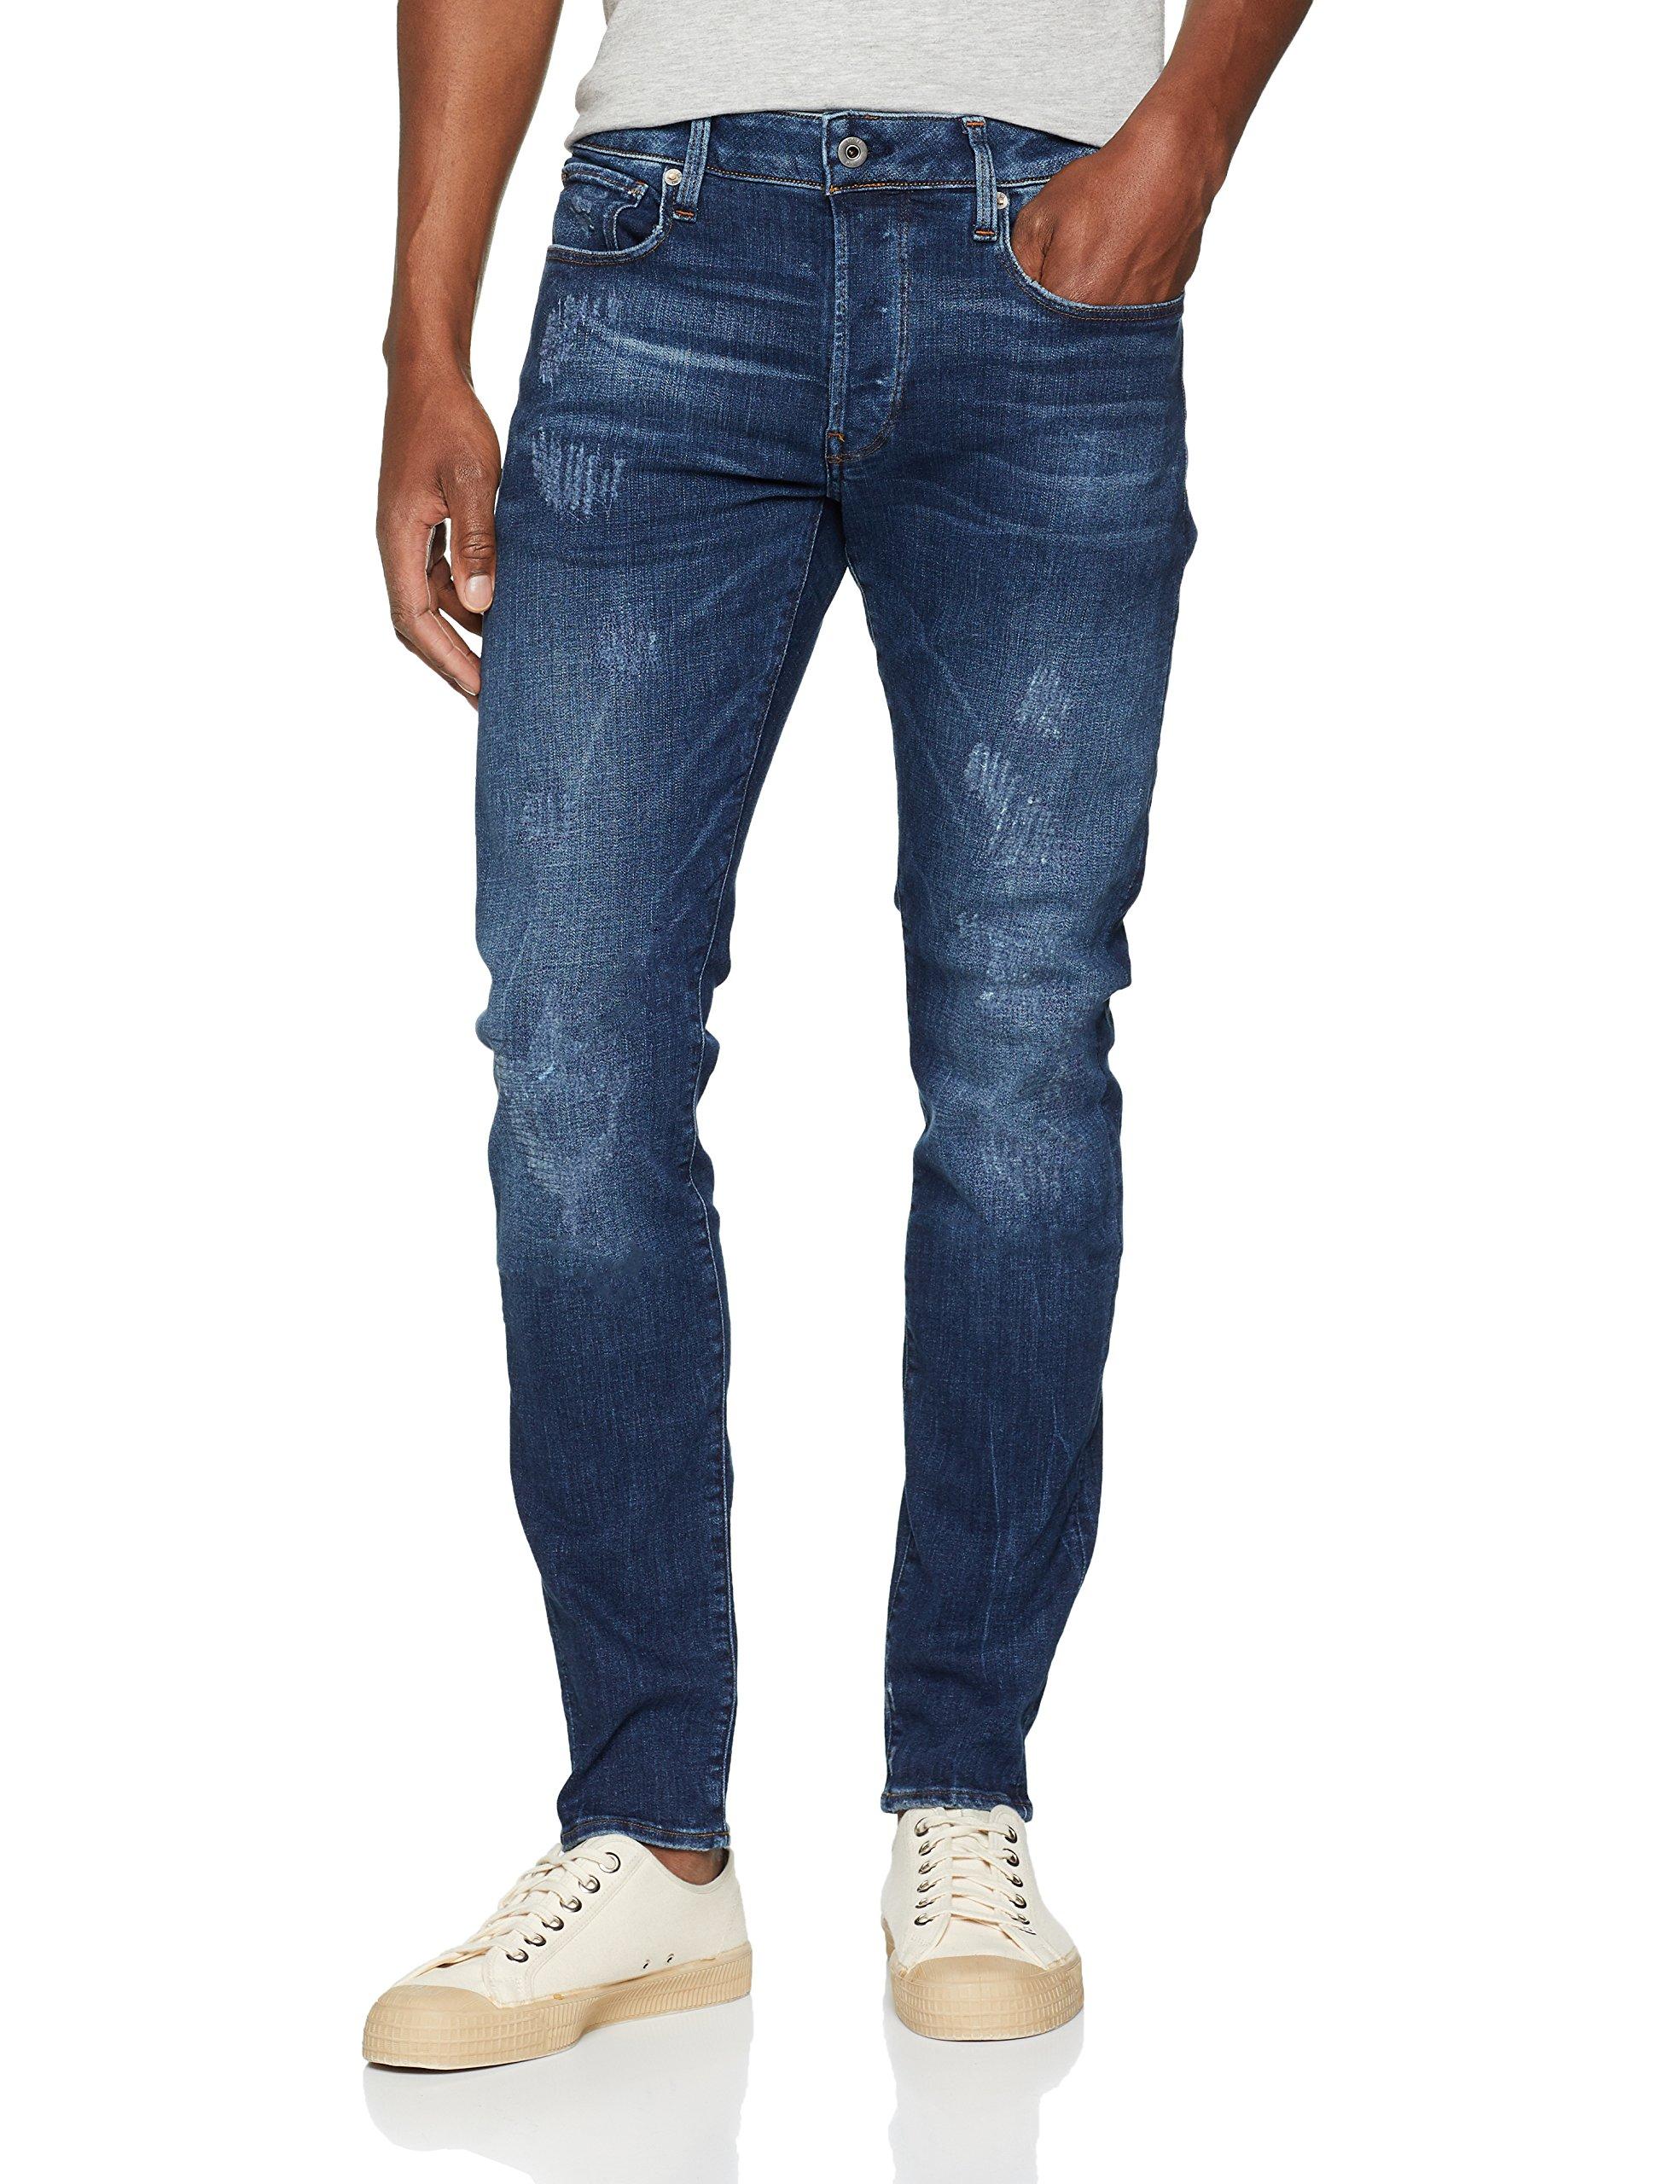 641531w34l G Raw JeansBleudk Aged Restored 9136 3301 Slim' star Homme CthrdsQx